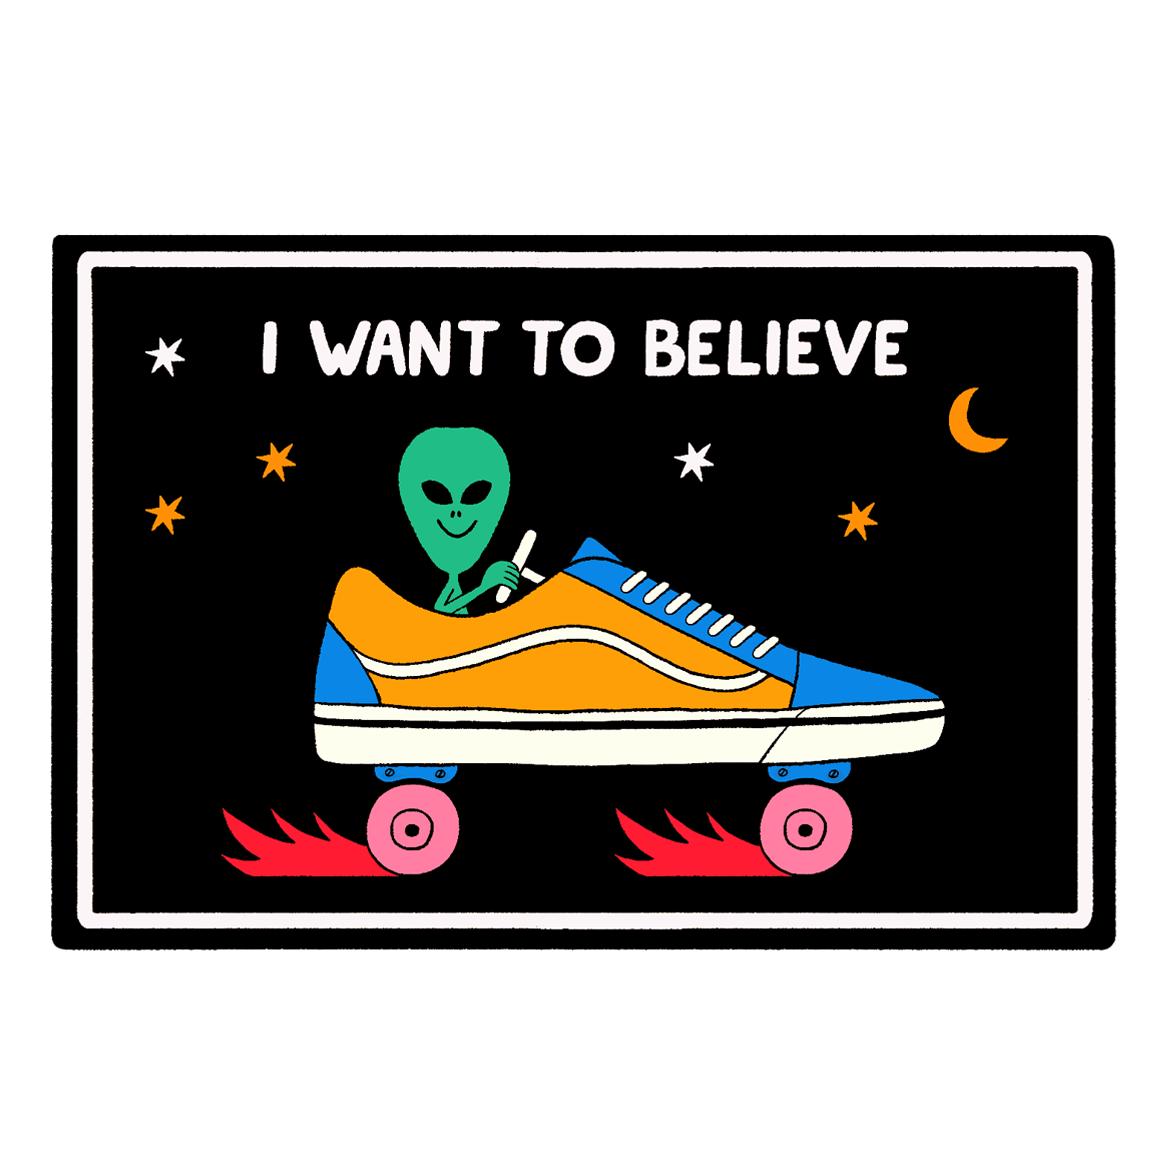 Loveblood - SMG - vans - sticker 2.png